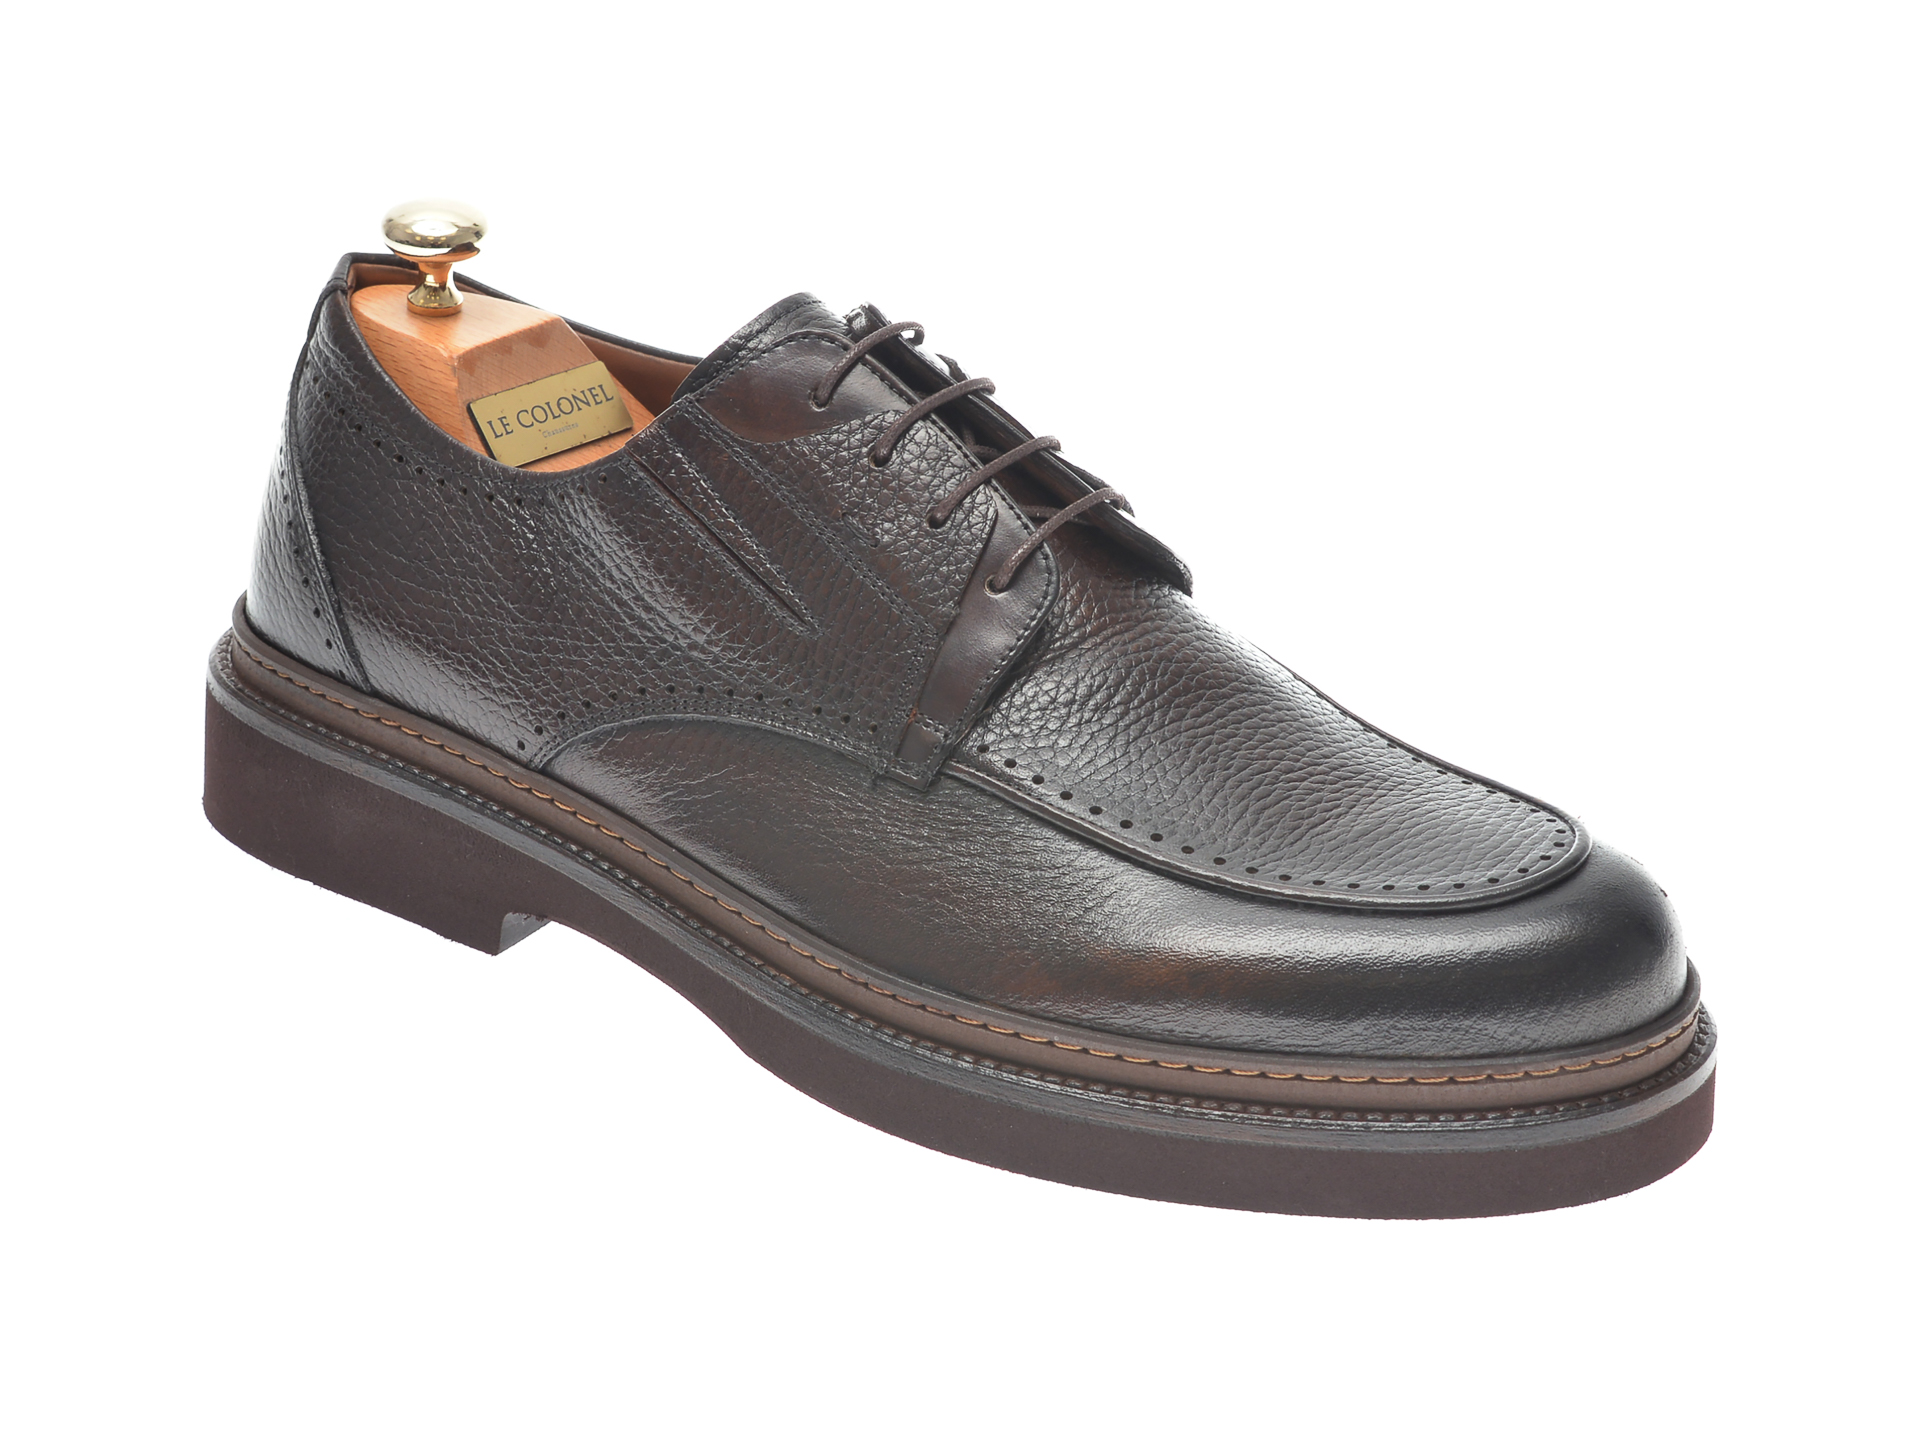 Pantofi LE COLONEL maro, 61603, din piele naturala imagine otter.ro 2021